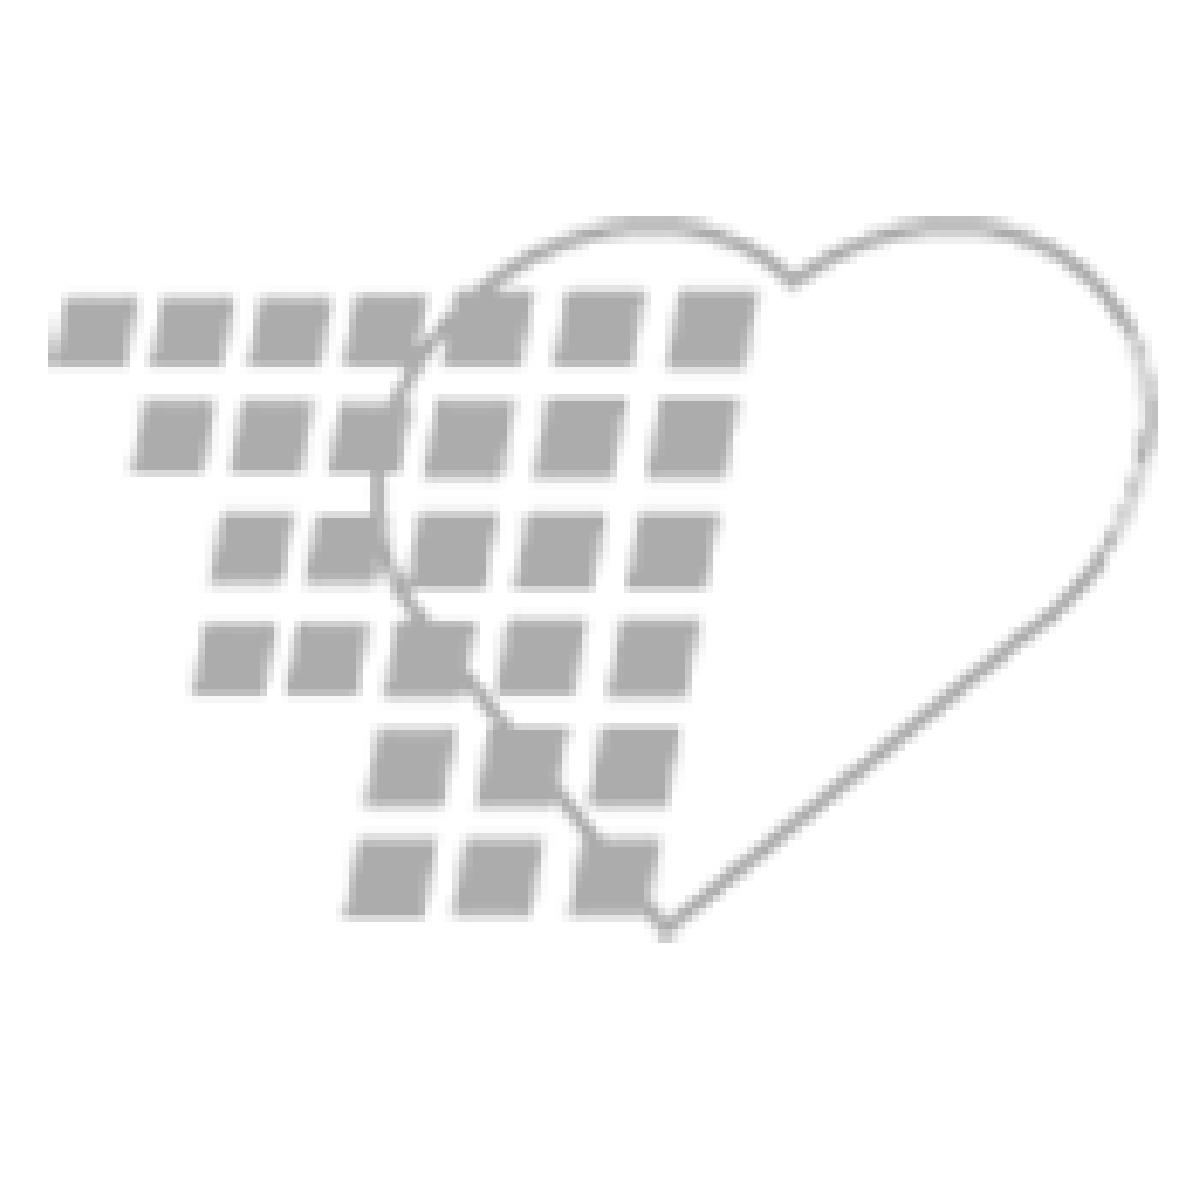 06-93-8501 Demo Dose® Naloxon 0.4 mg/ 1 mL Ampule